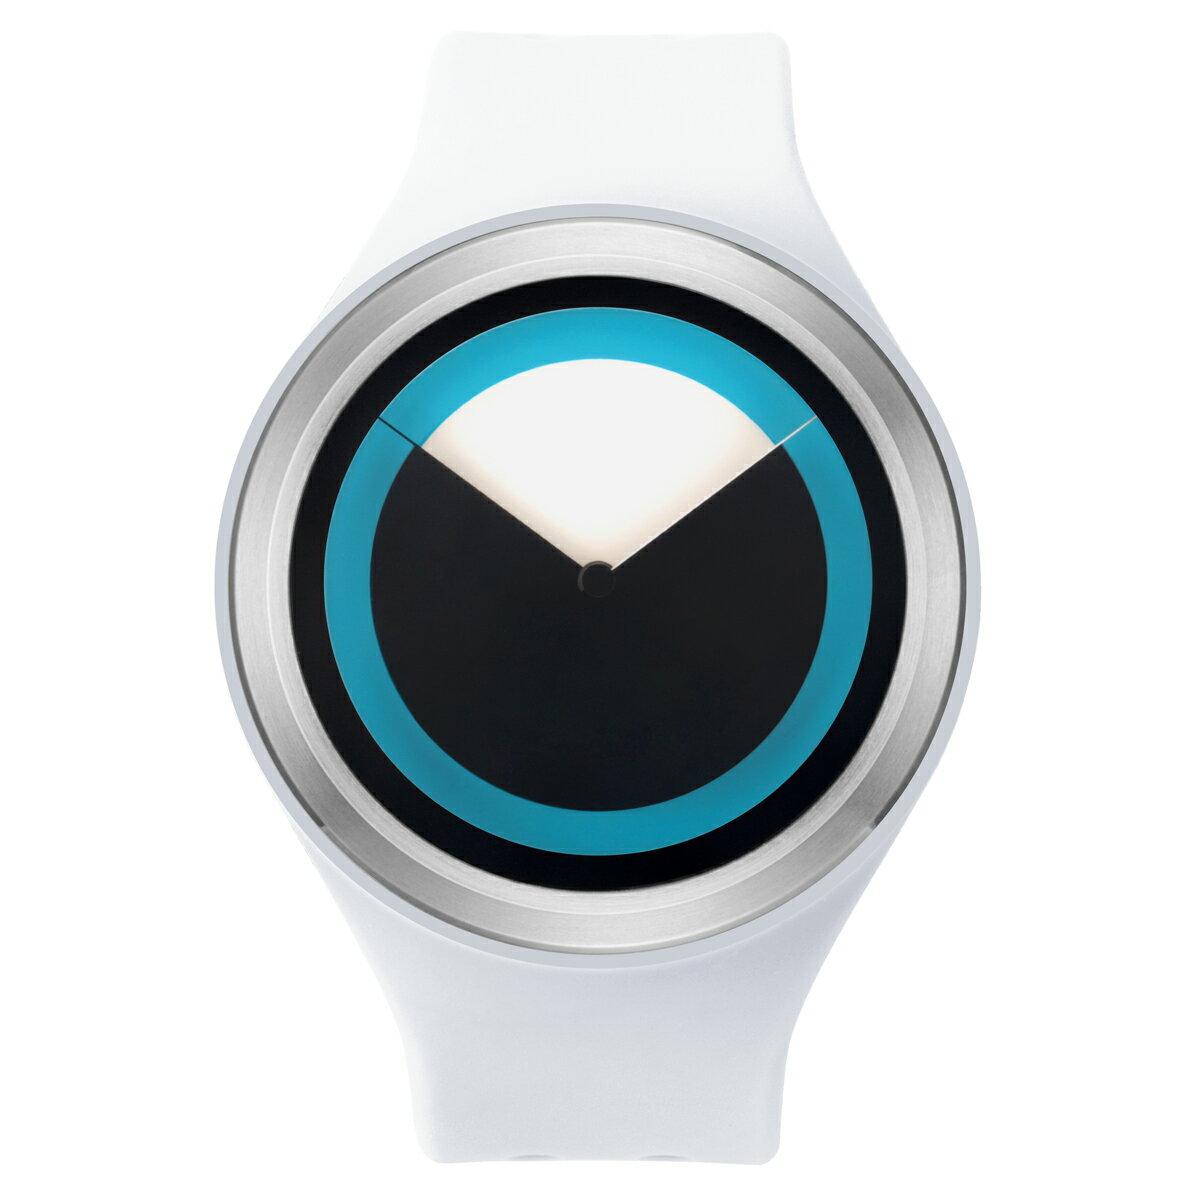 ZEROO DEEPSKY SWEEPING ゼロ 電池式クォーツ 腕時計 [W00401B01SR01] ホワイト デザインウォッチ ペア用 メンズ レディース ユニセックス おしゃれ時計 デザイナーズ